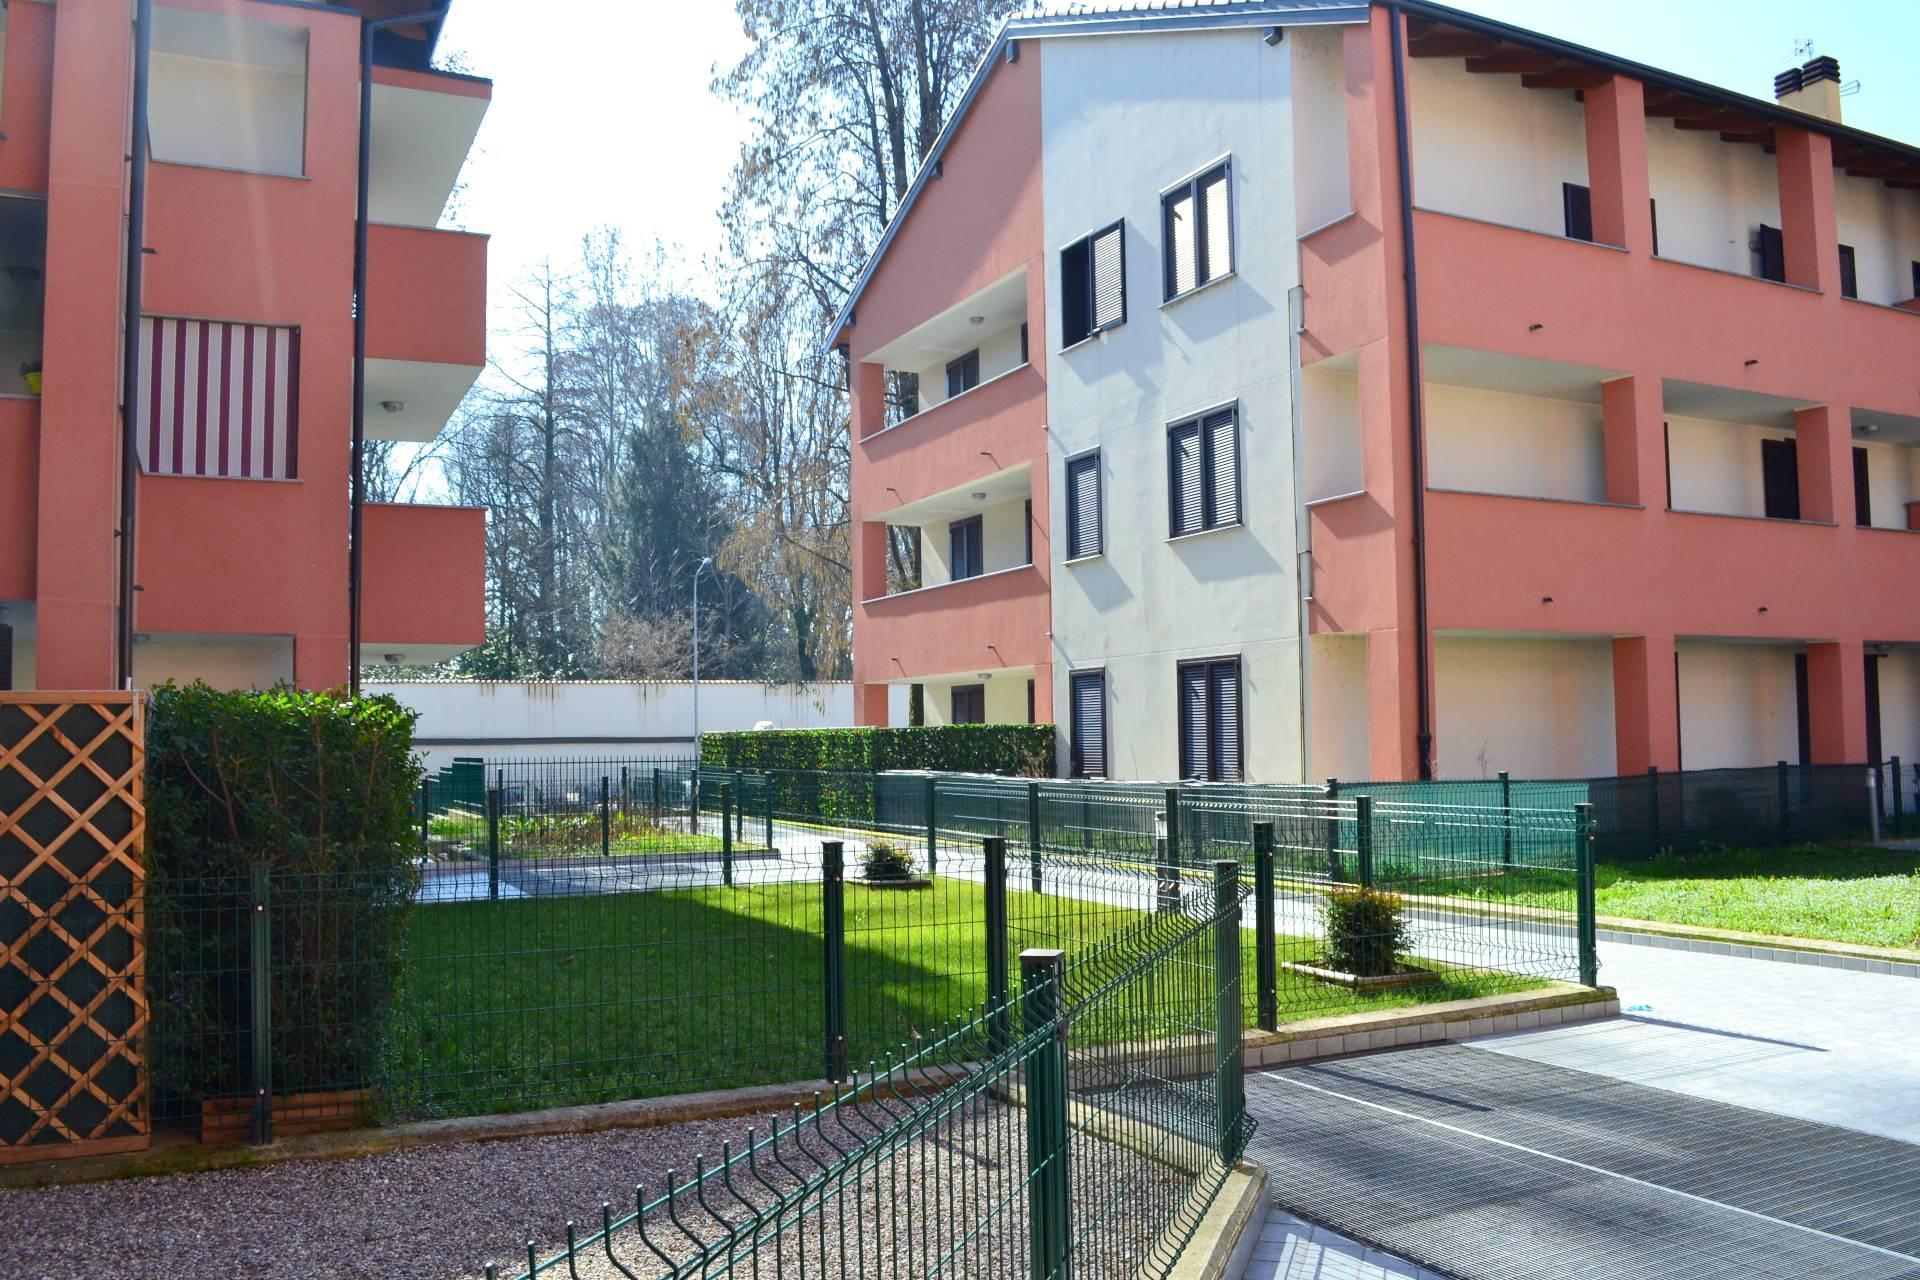 Appartamento in vendita a Casirate d'Adda, 3 locali, prezzo € 129.000 | PortaleAgenzieImmobiliari.it